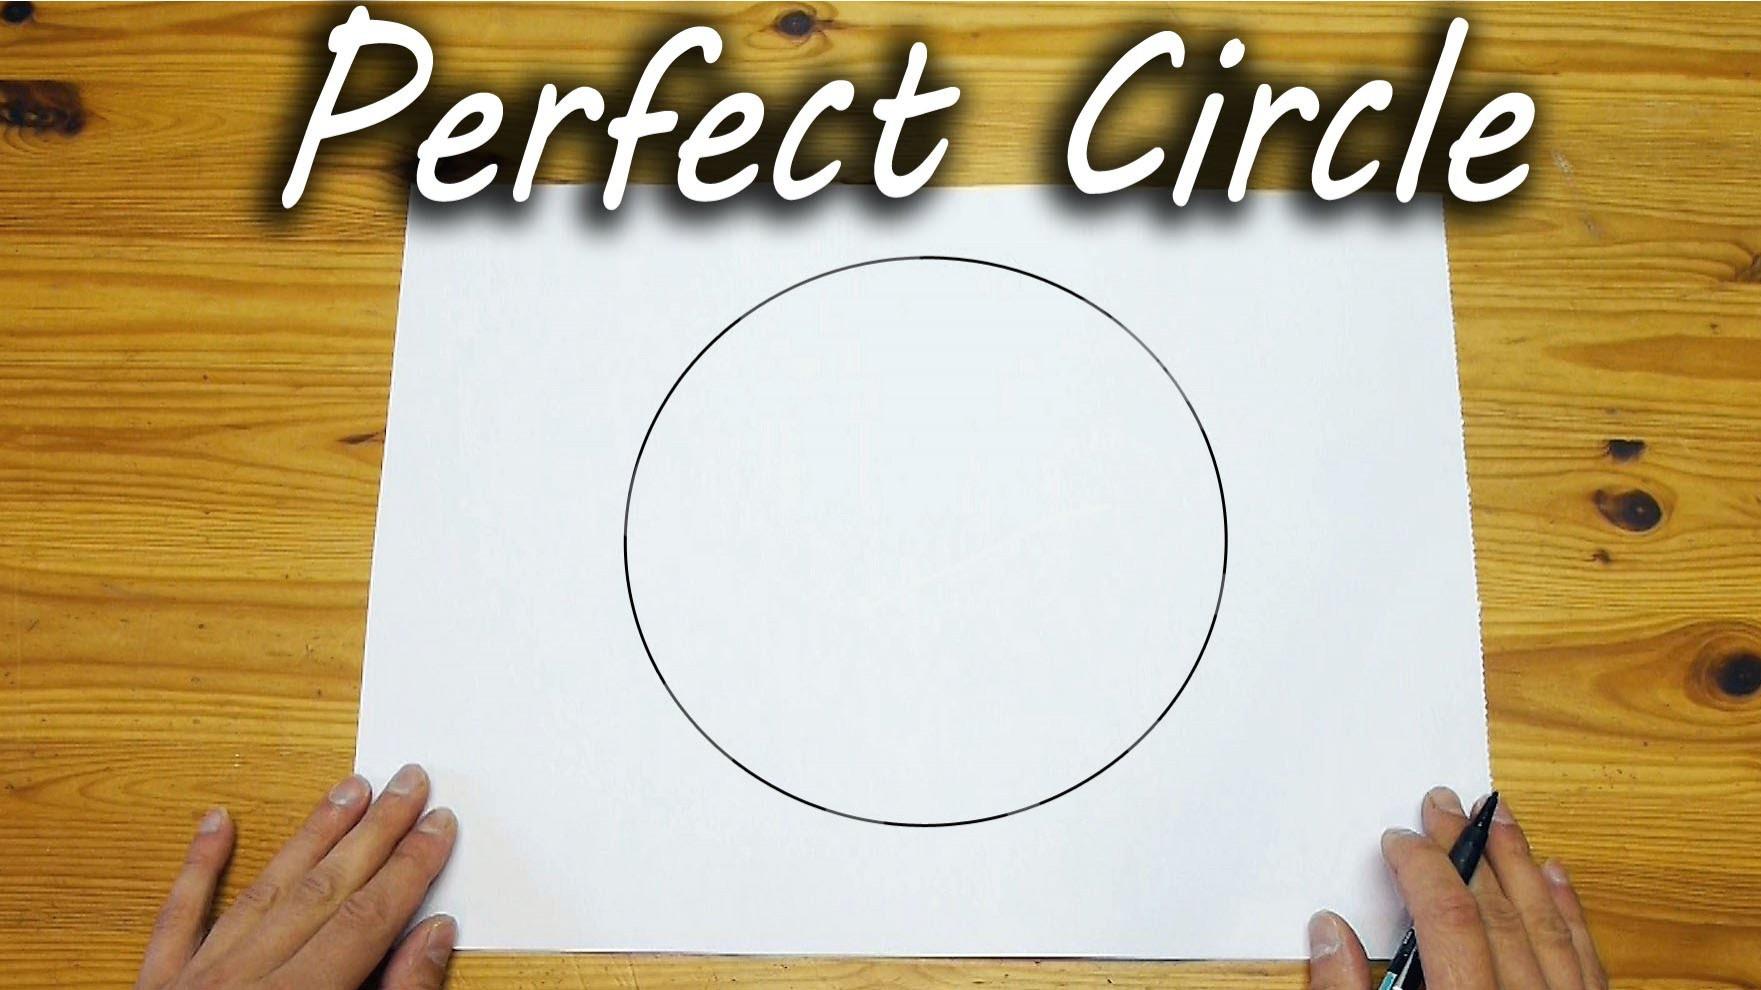 VIDEO: Vaata, kuidas perfektset ringi joonistada paberile ilma sirklita ja muude abivahenditeta